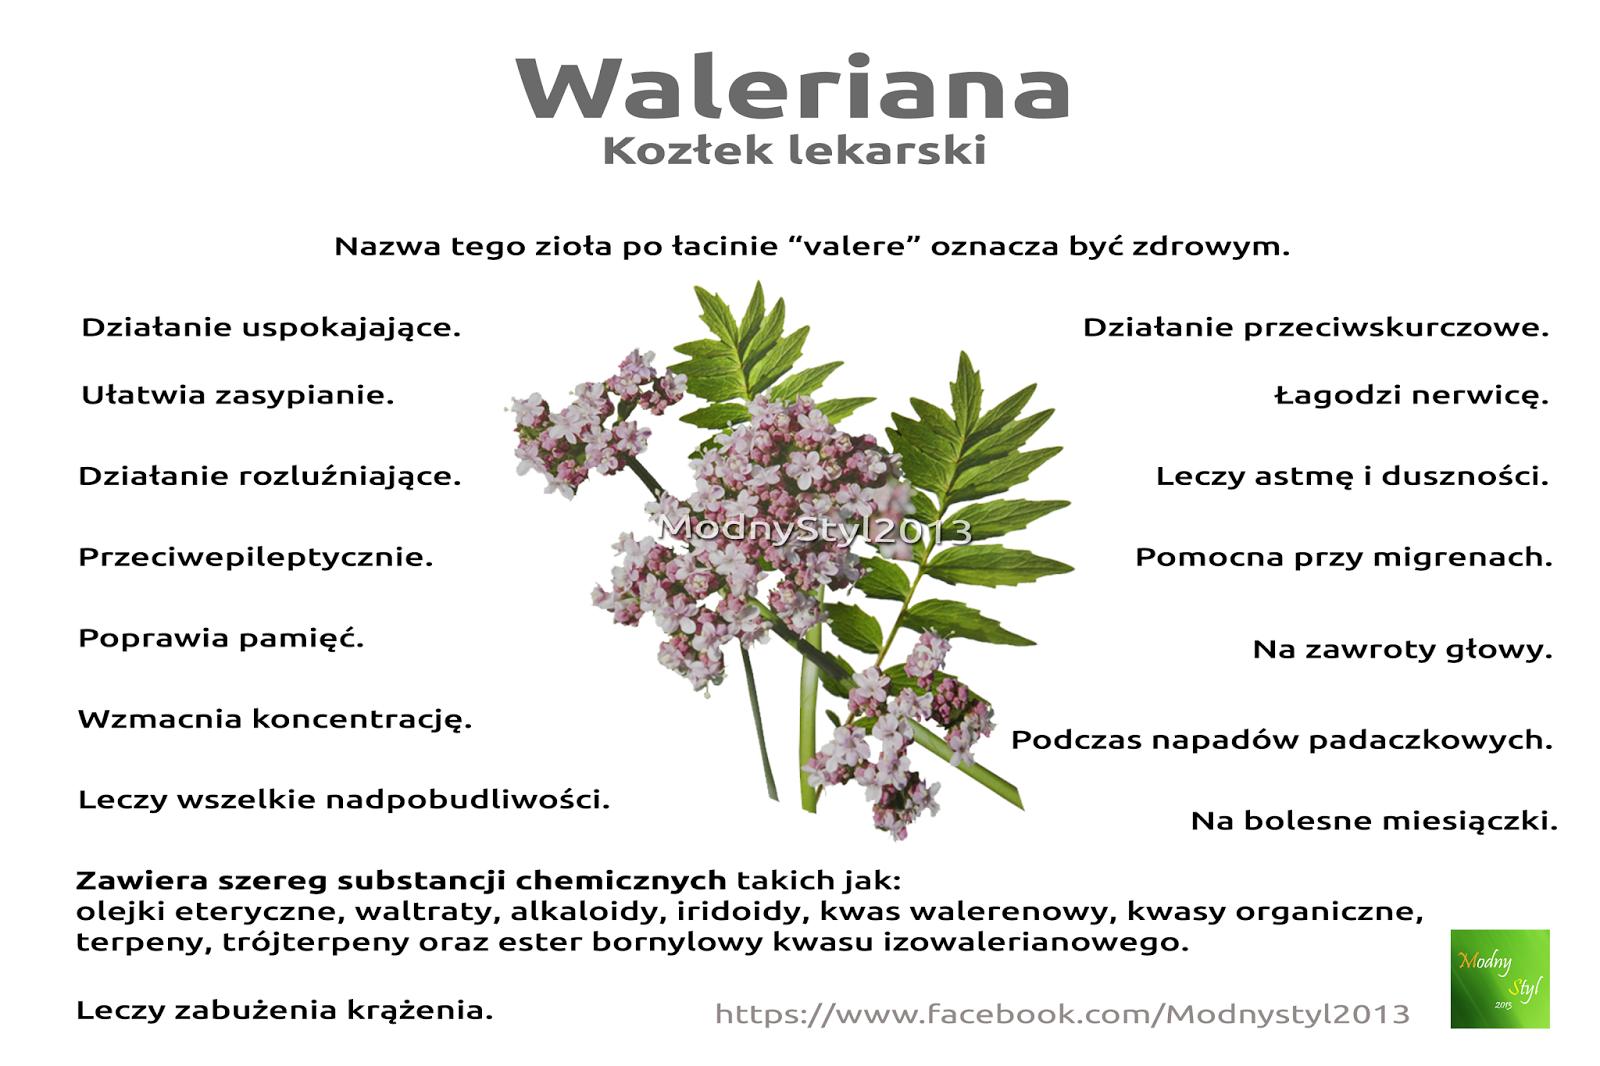 Waleriana czyli kozłek lekarski